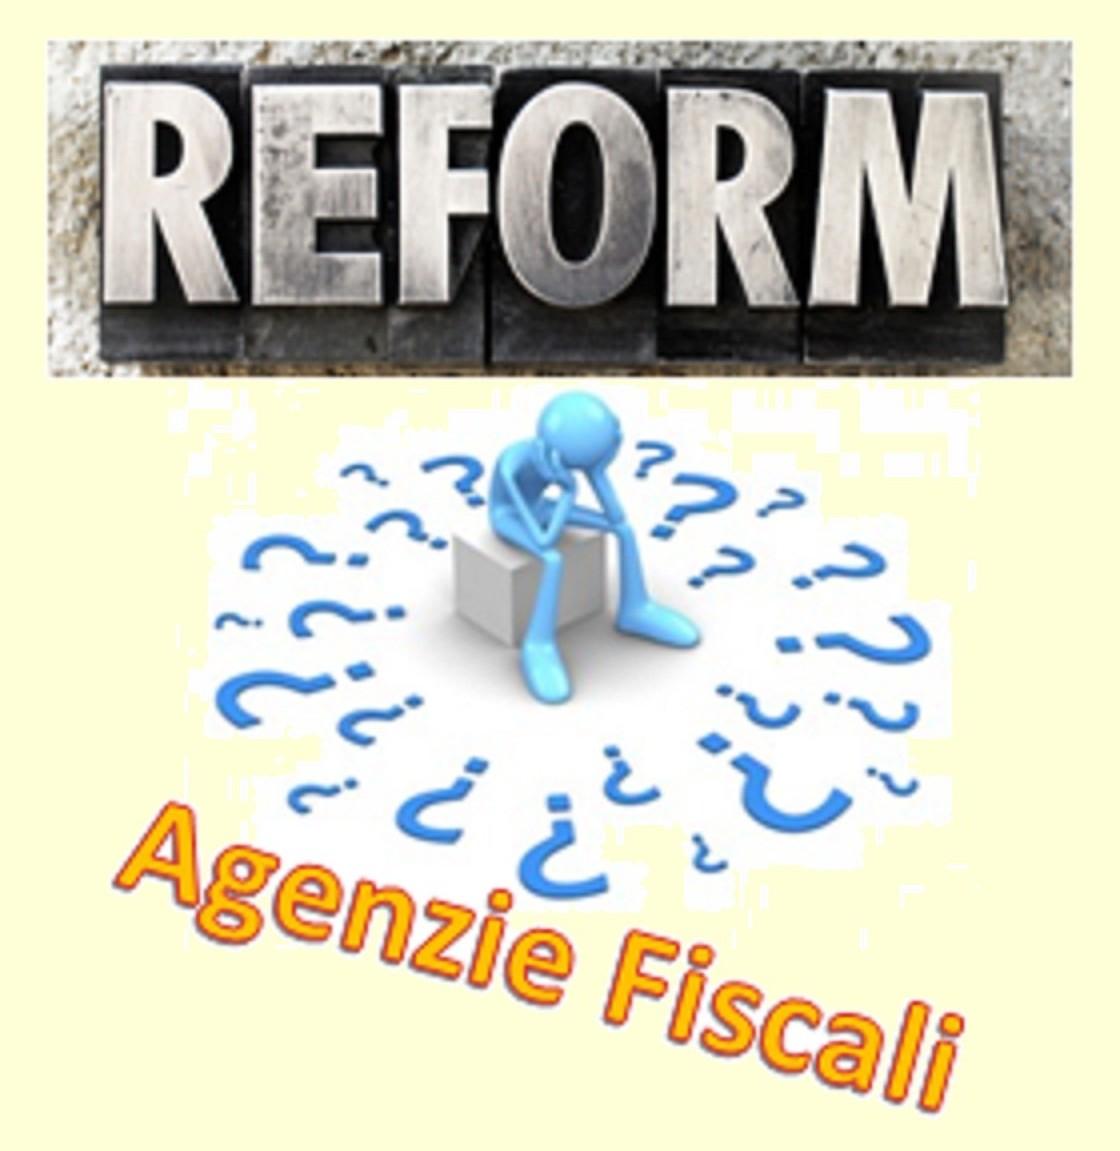 Agenzie fiscali: accordo con Agenzia Ent